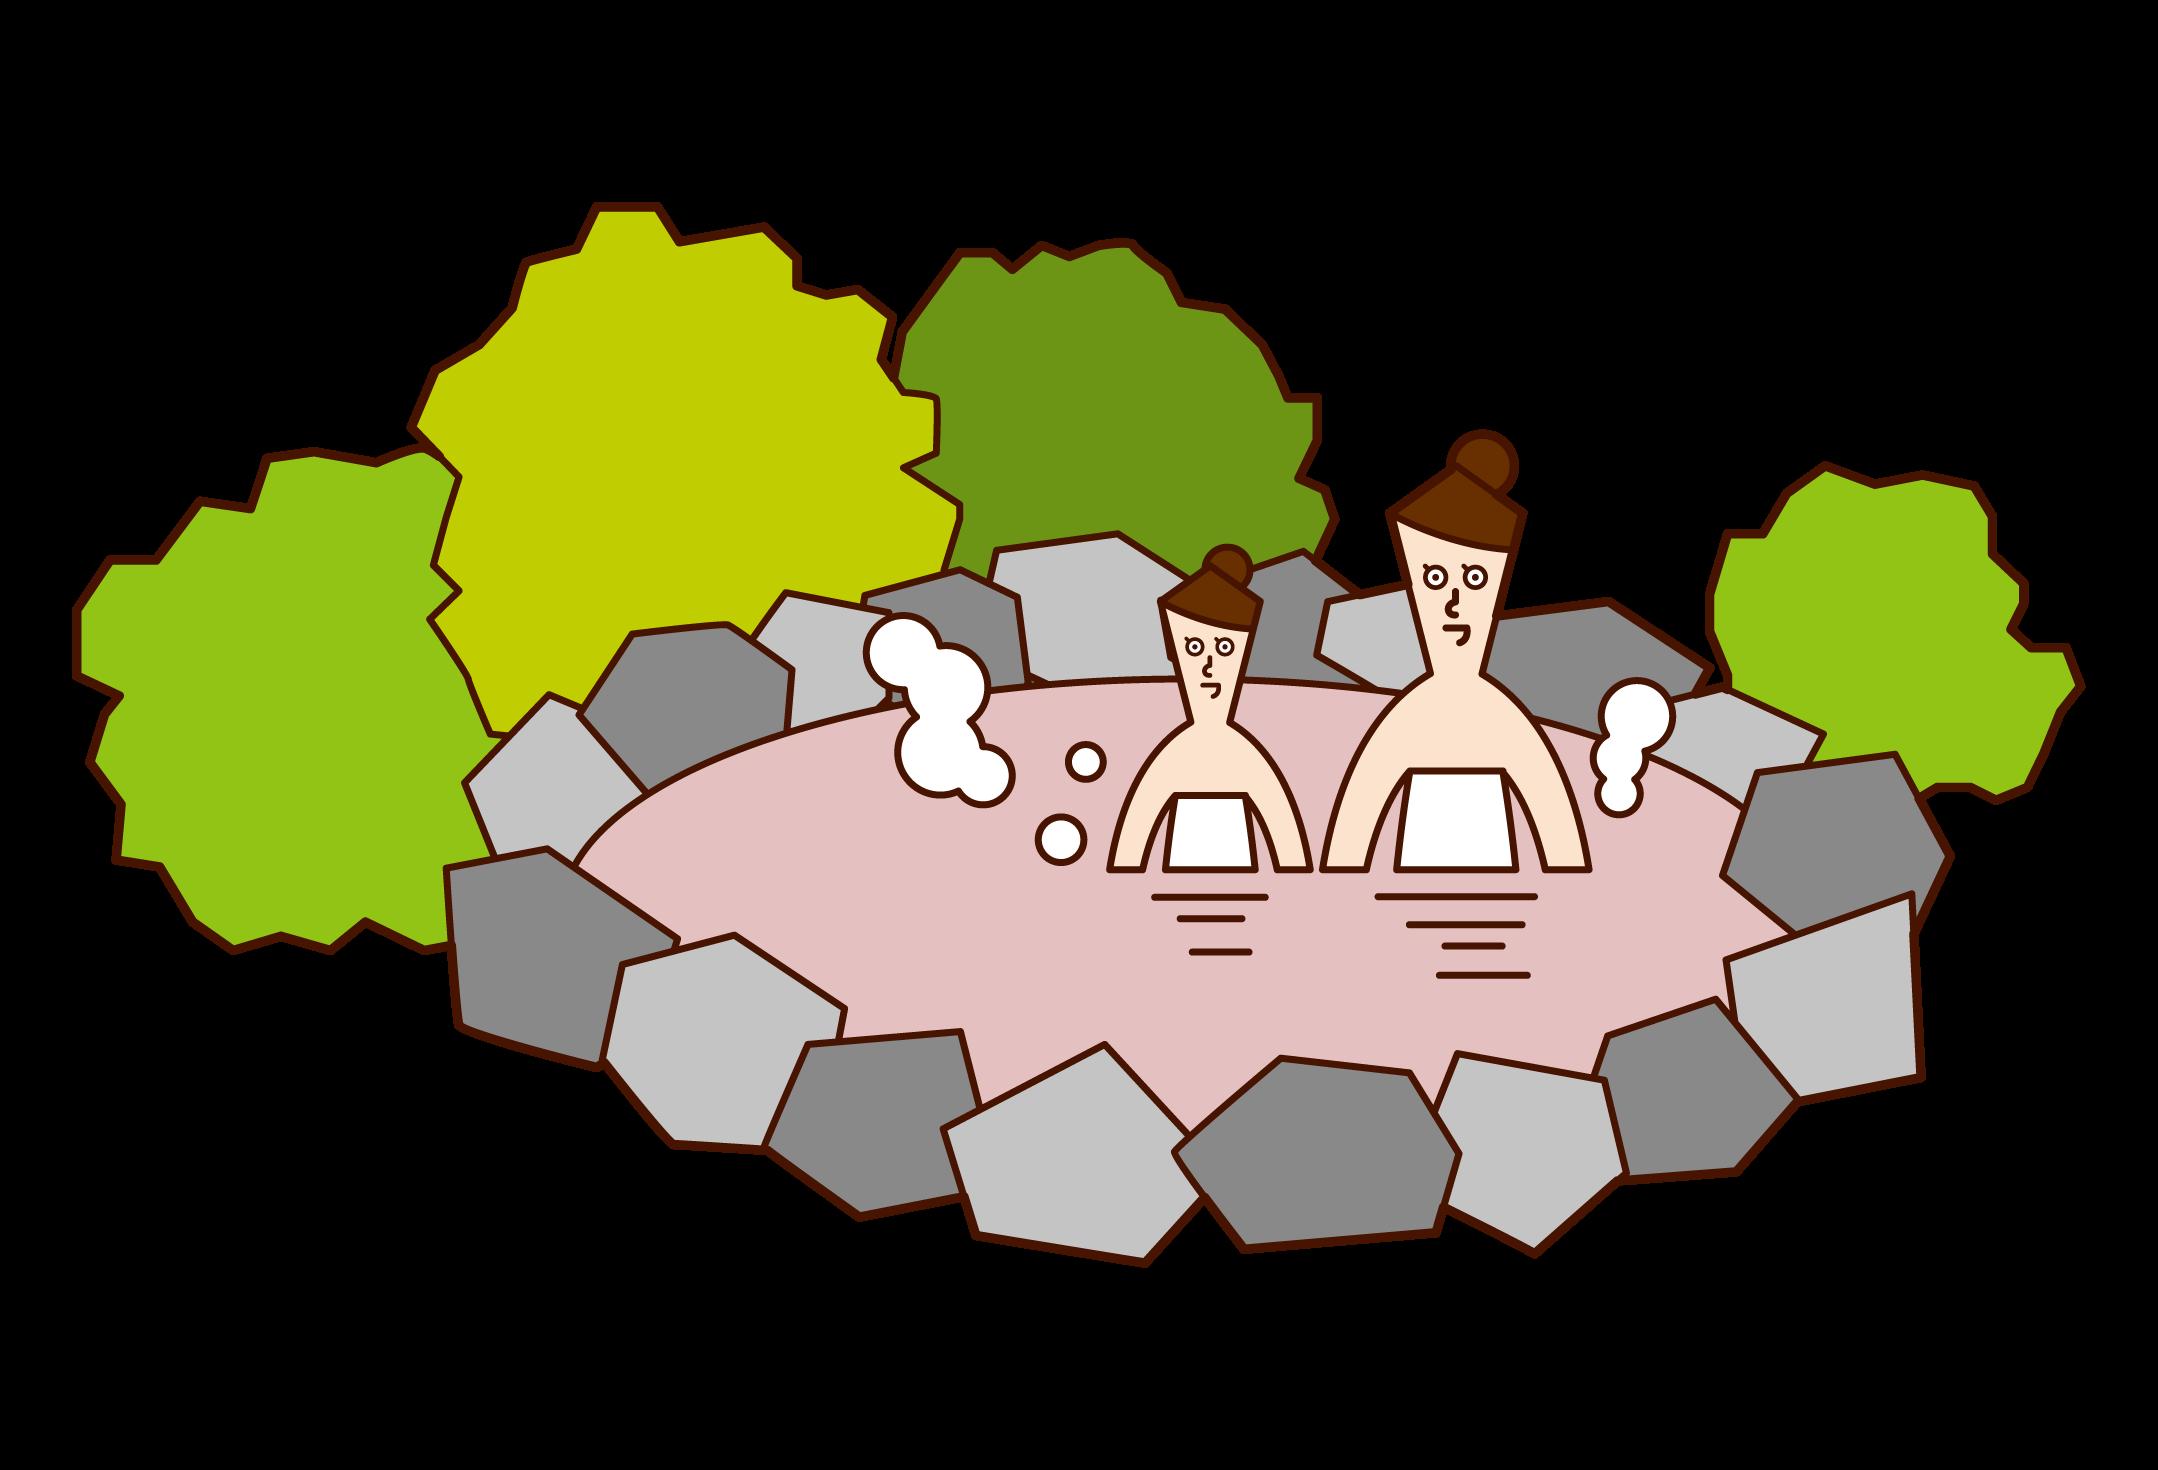 温泉に入る親子(女性)のイラスト